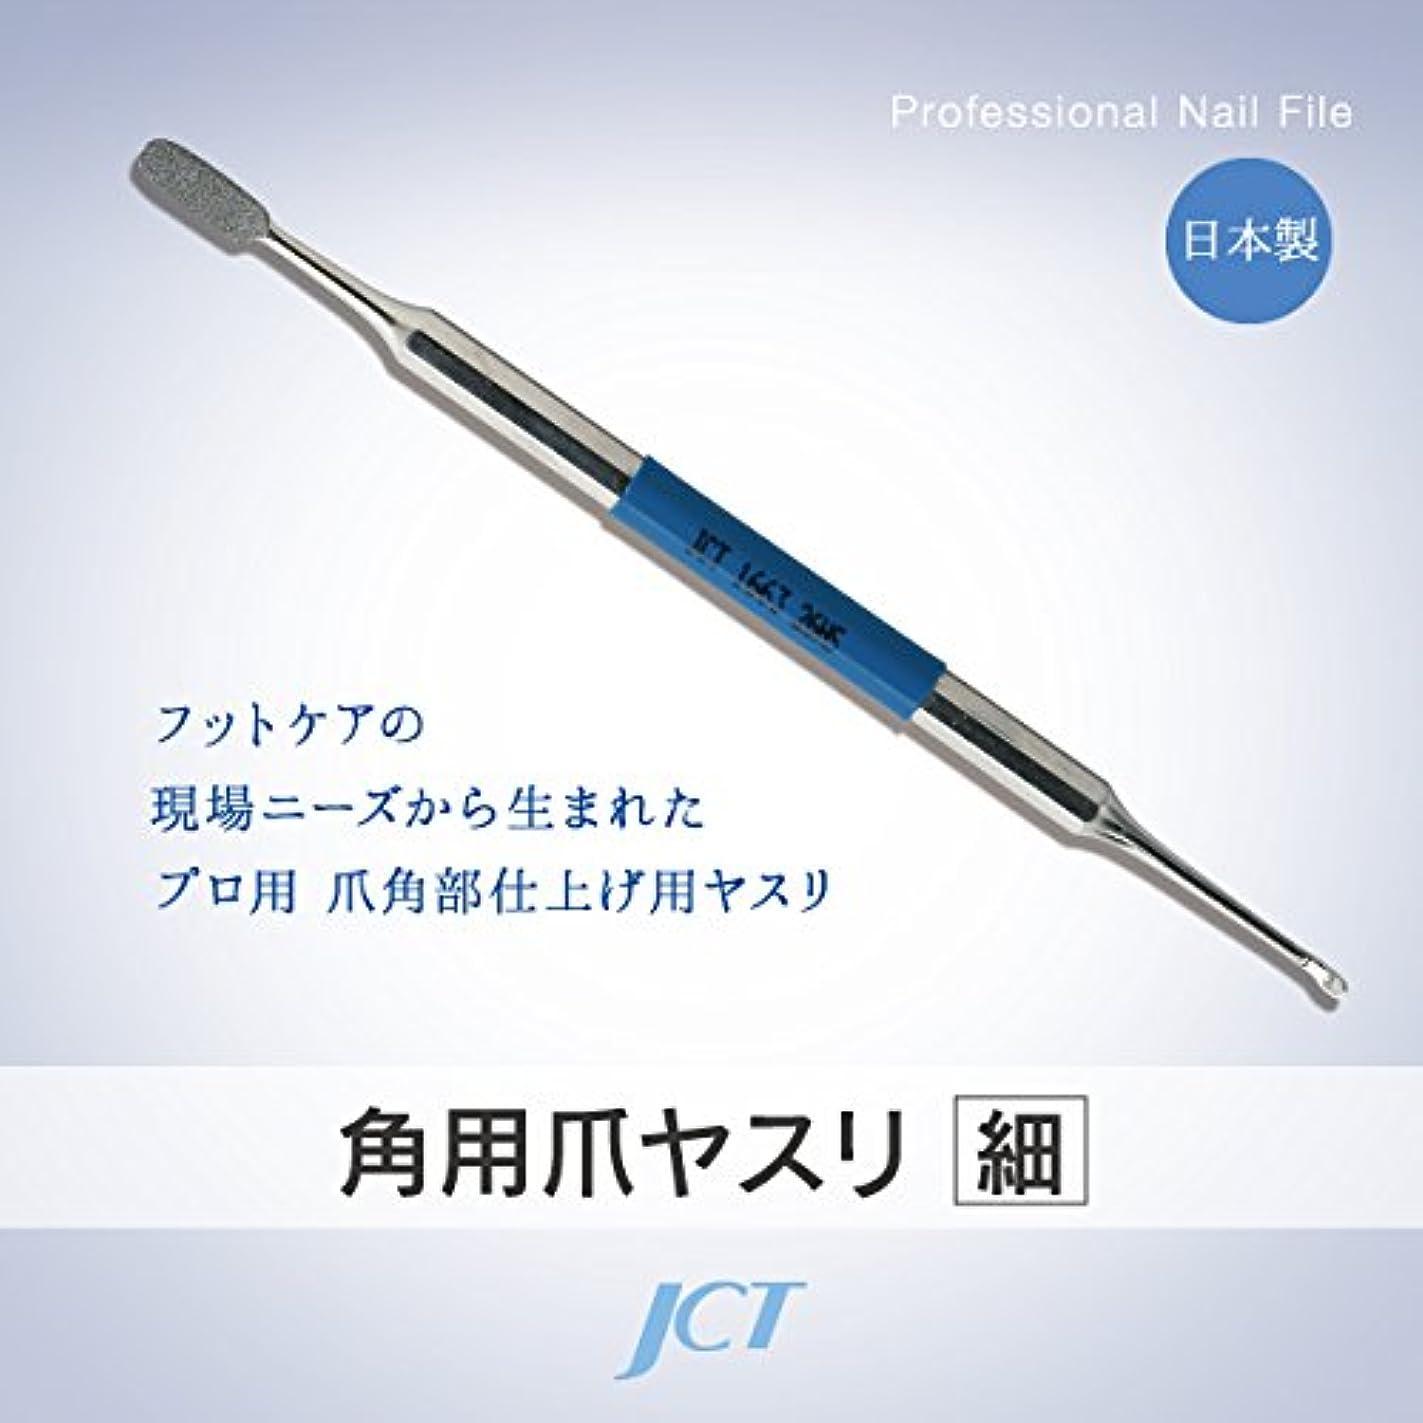 工業化する形状知人JCT メディカル フットケア ダイヤモンド角用爪ヤスリ(細) 滅菌可 日本製 1年間保証付